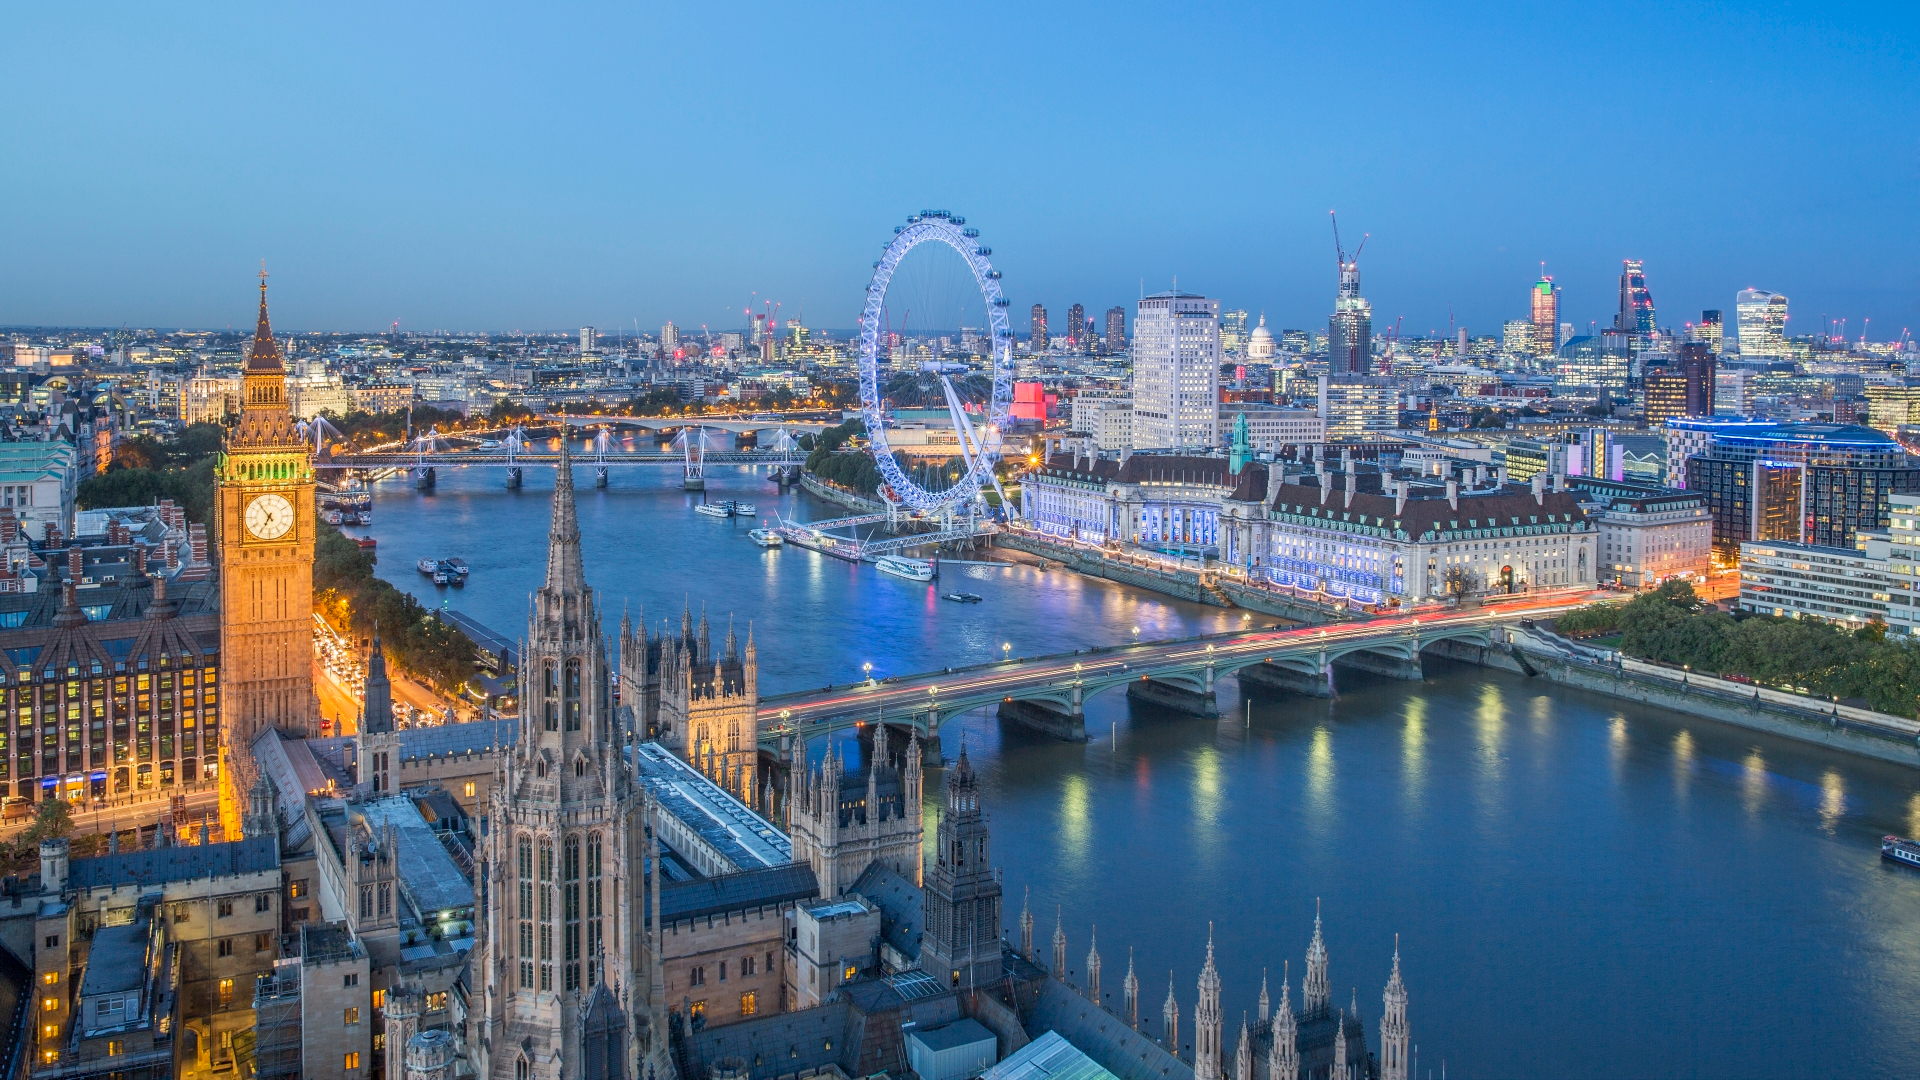 London skyline, river Thames, London Eye, Big Ben.